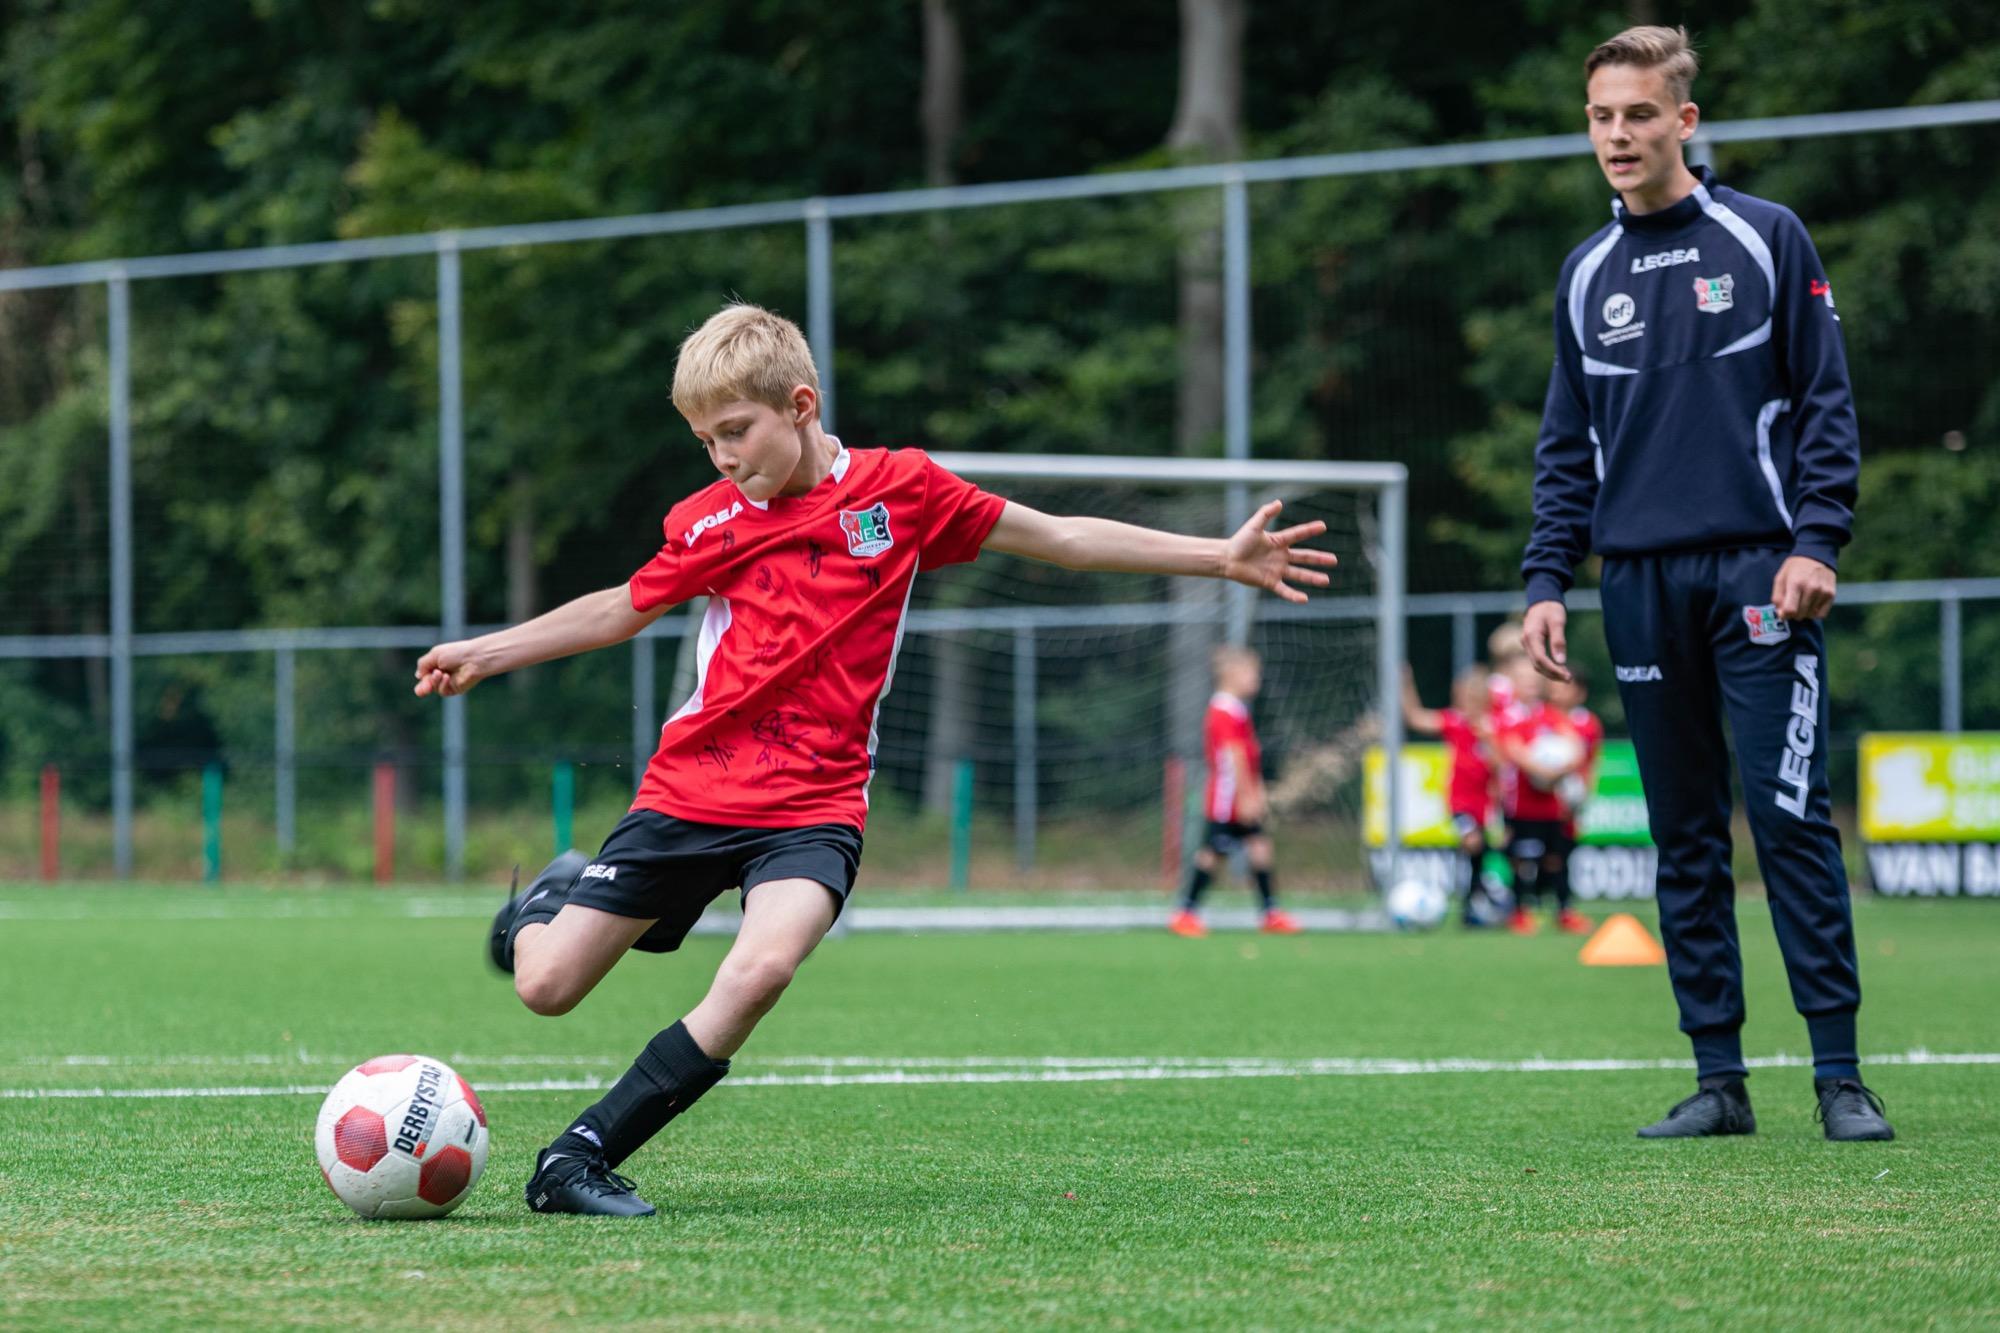 N.E.C. Voetbalkampen in de zomervakantie voor de jeugd